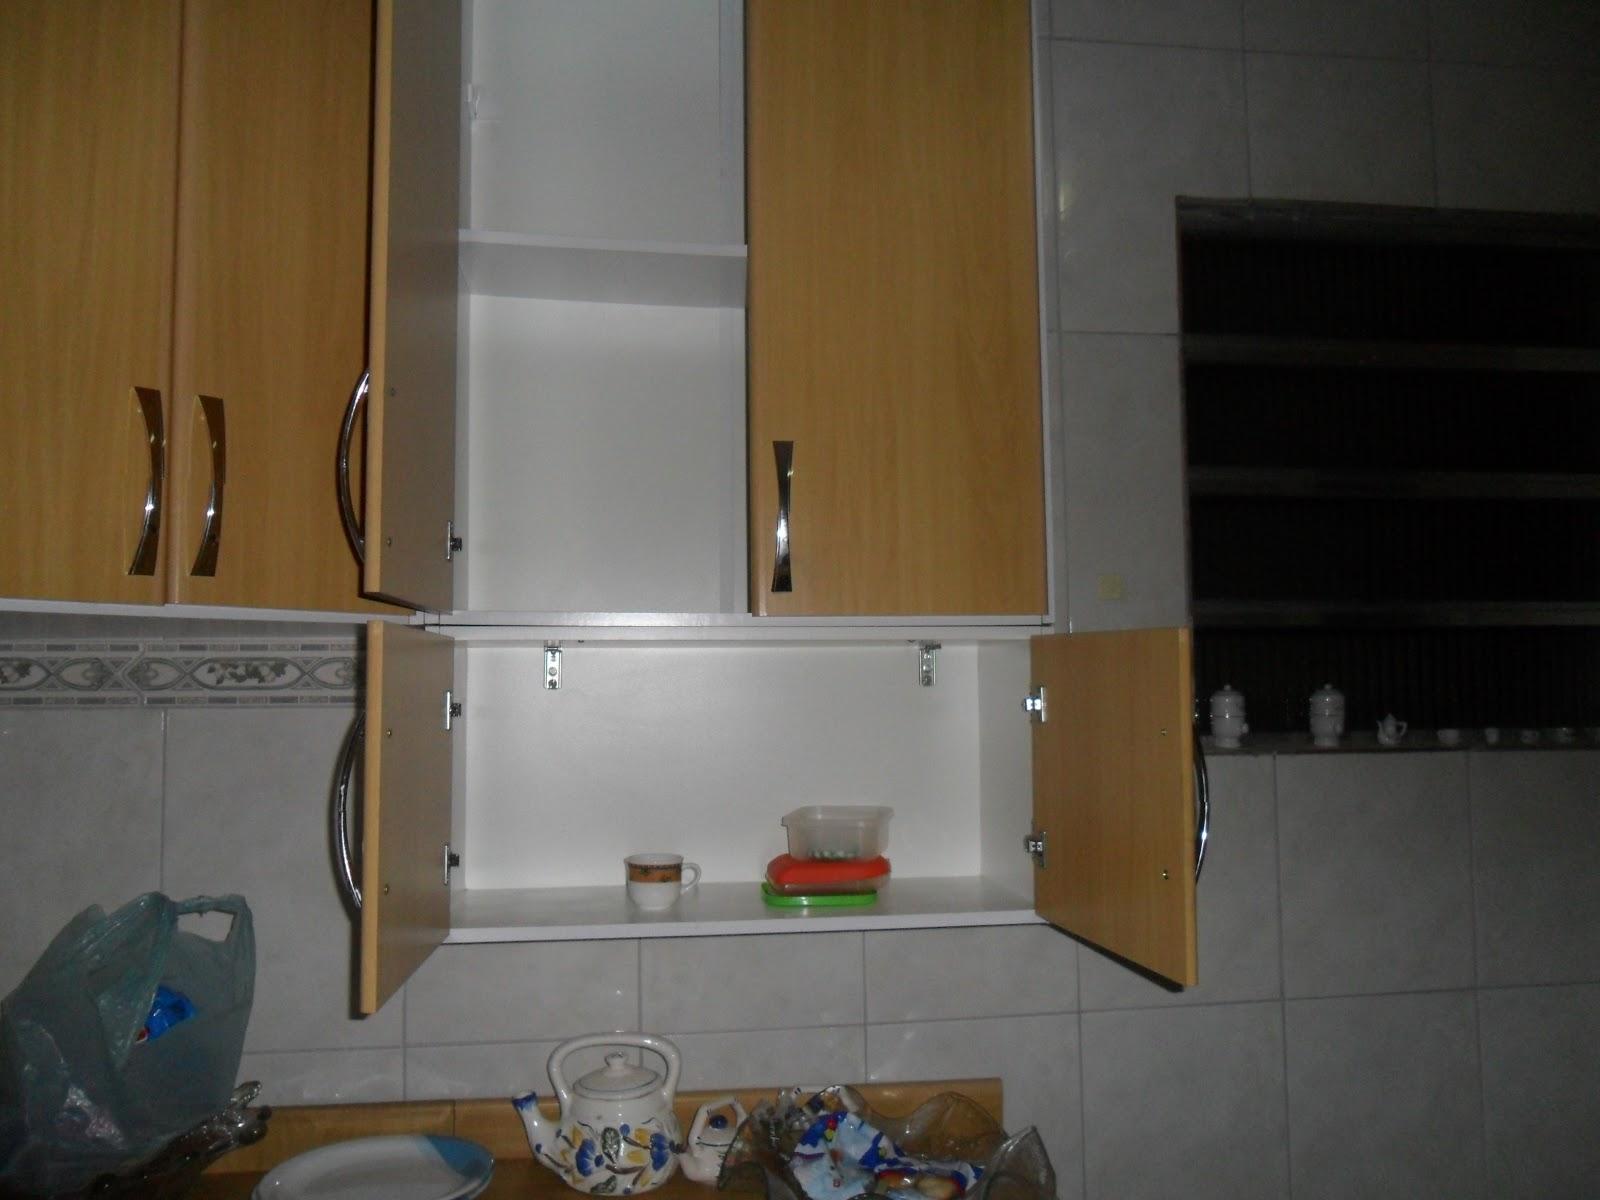 #664C28 Idéias com Munelise: Armário de cozinha reciclado 1600x1200 px Redesenhar Idéias De Cozinha_834 Imagens